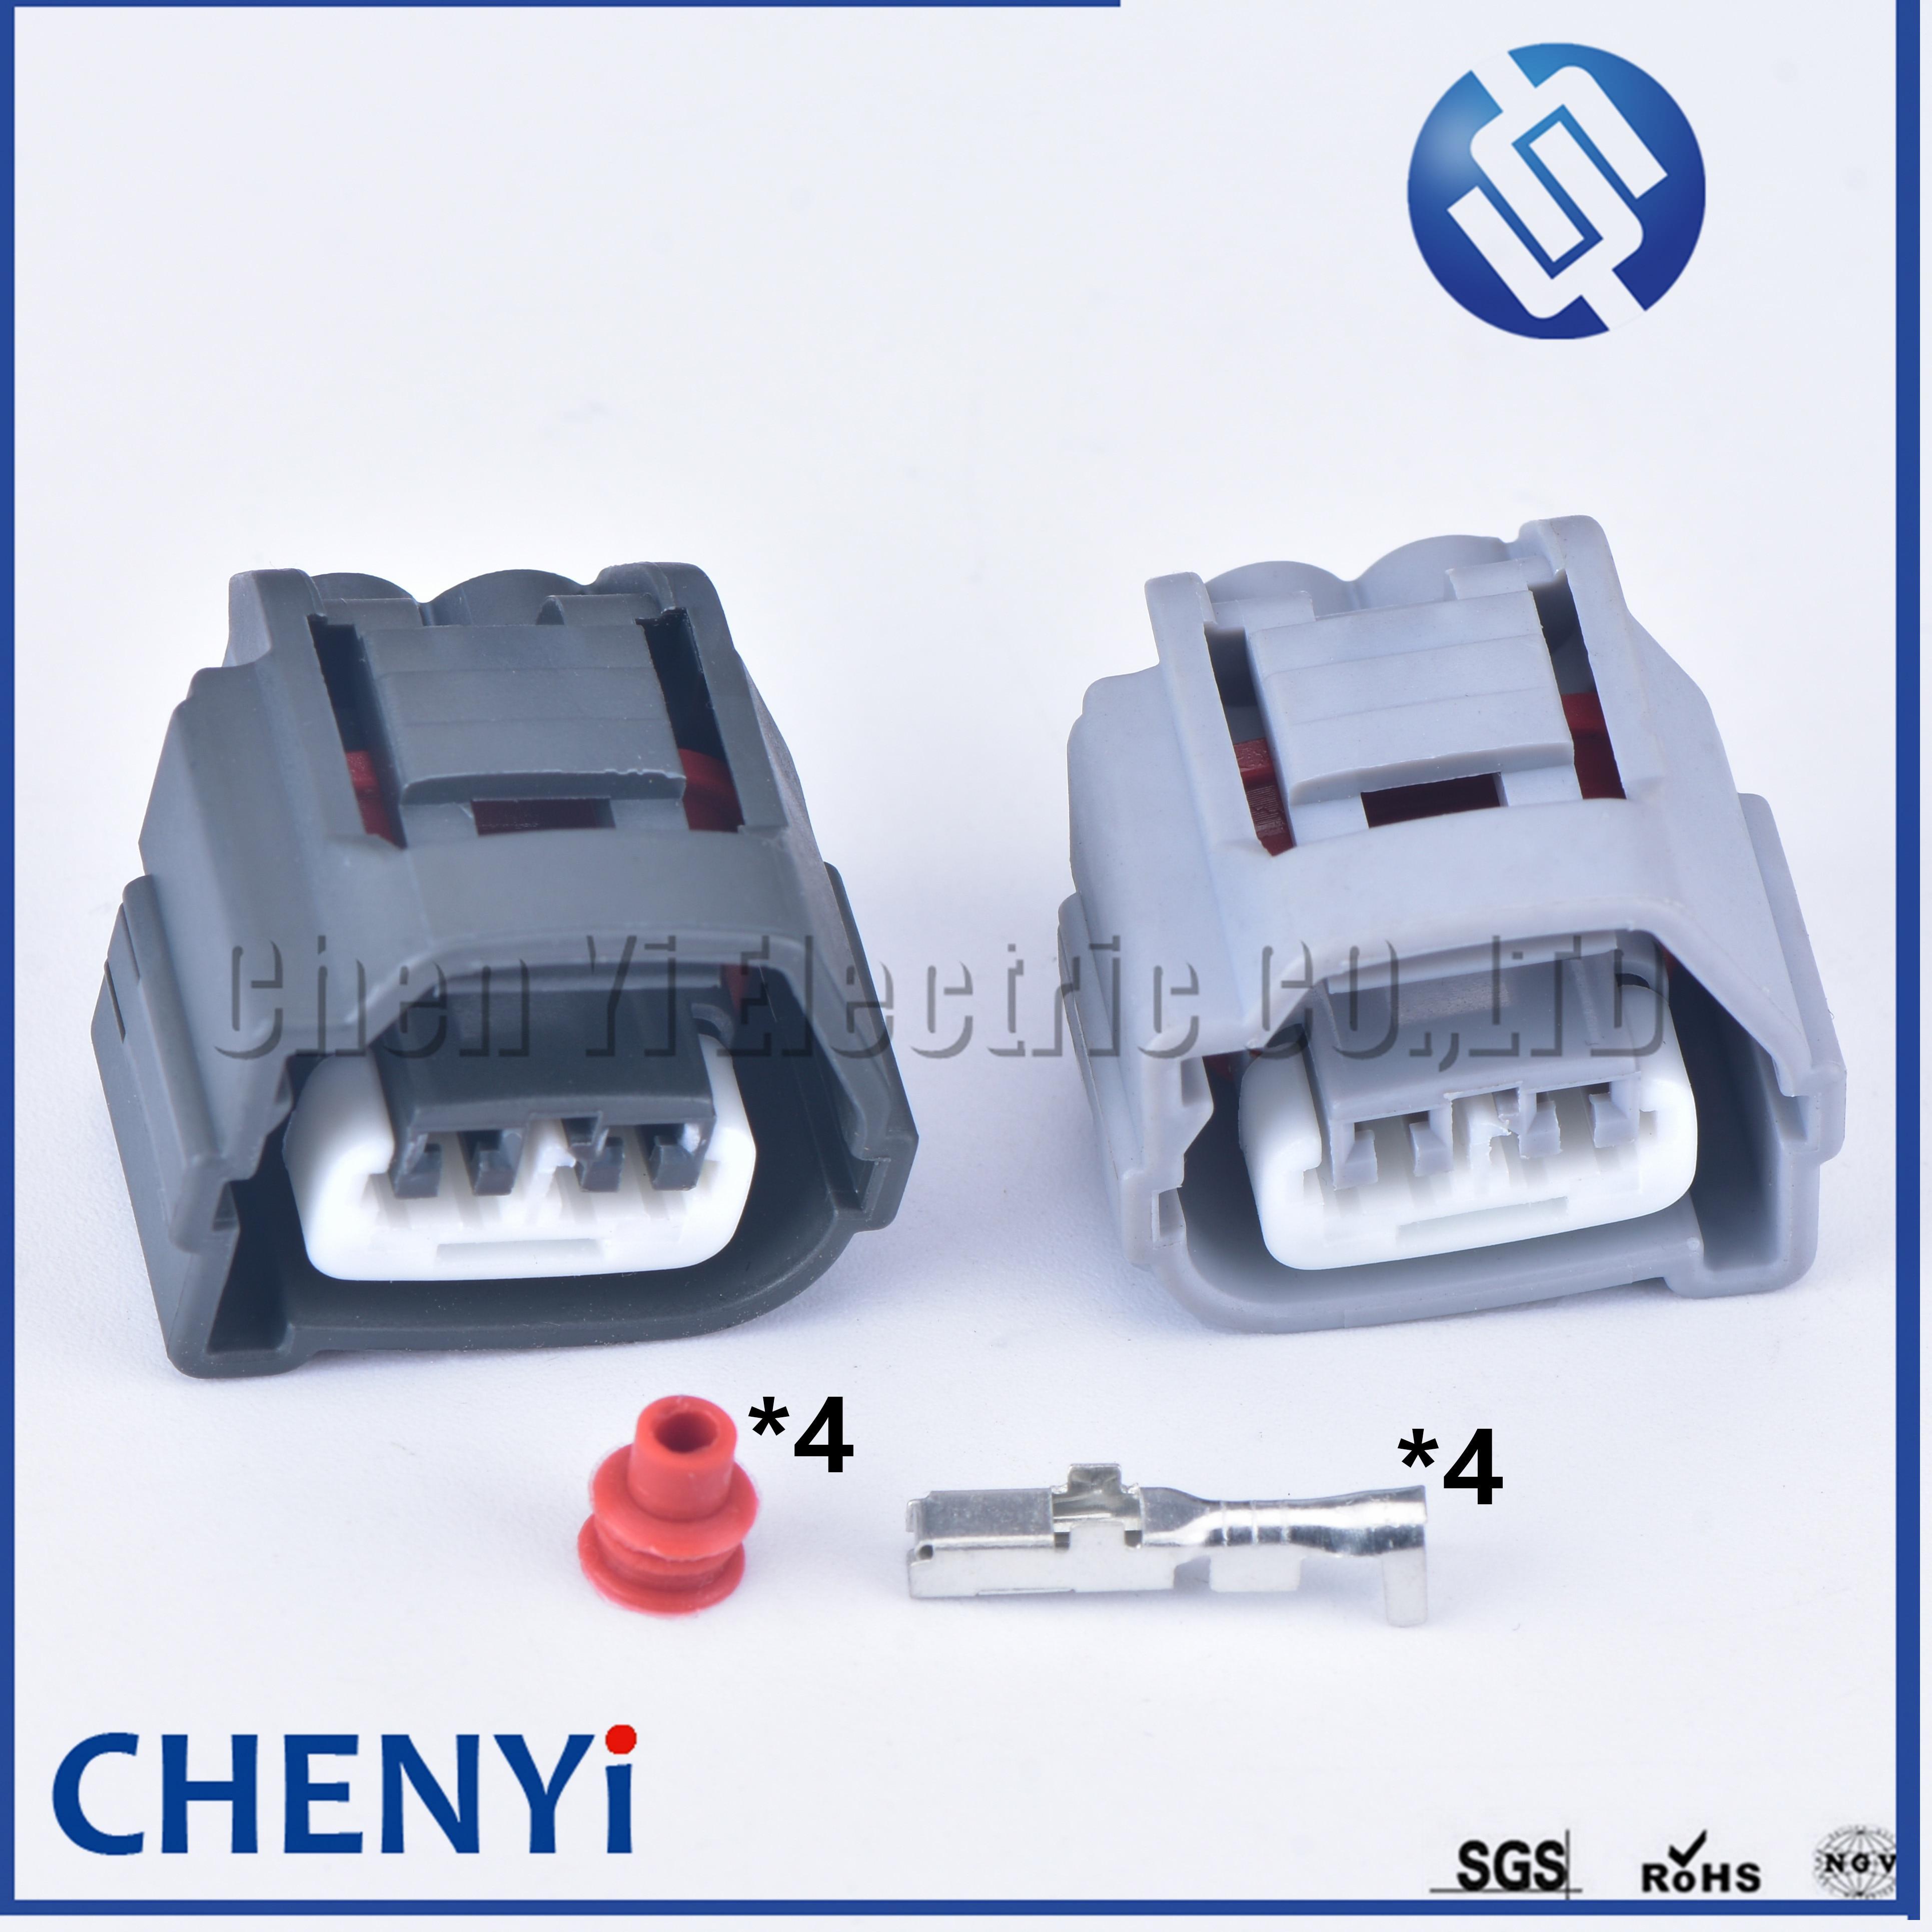 2 conjunto 2 pinos bobina de ignição conector plugue cabo chicote de fios para hyundai accent 1.6l elantra j3 toyota kia 90980-10901 90980-10899